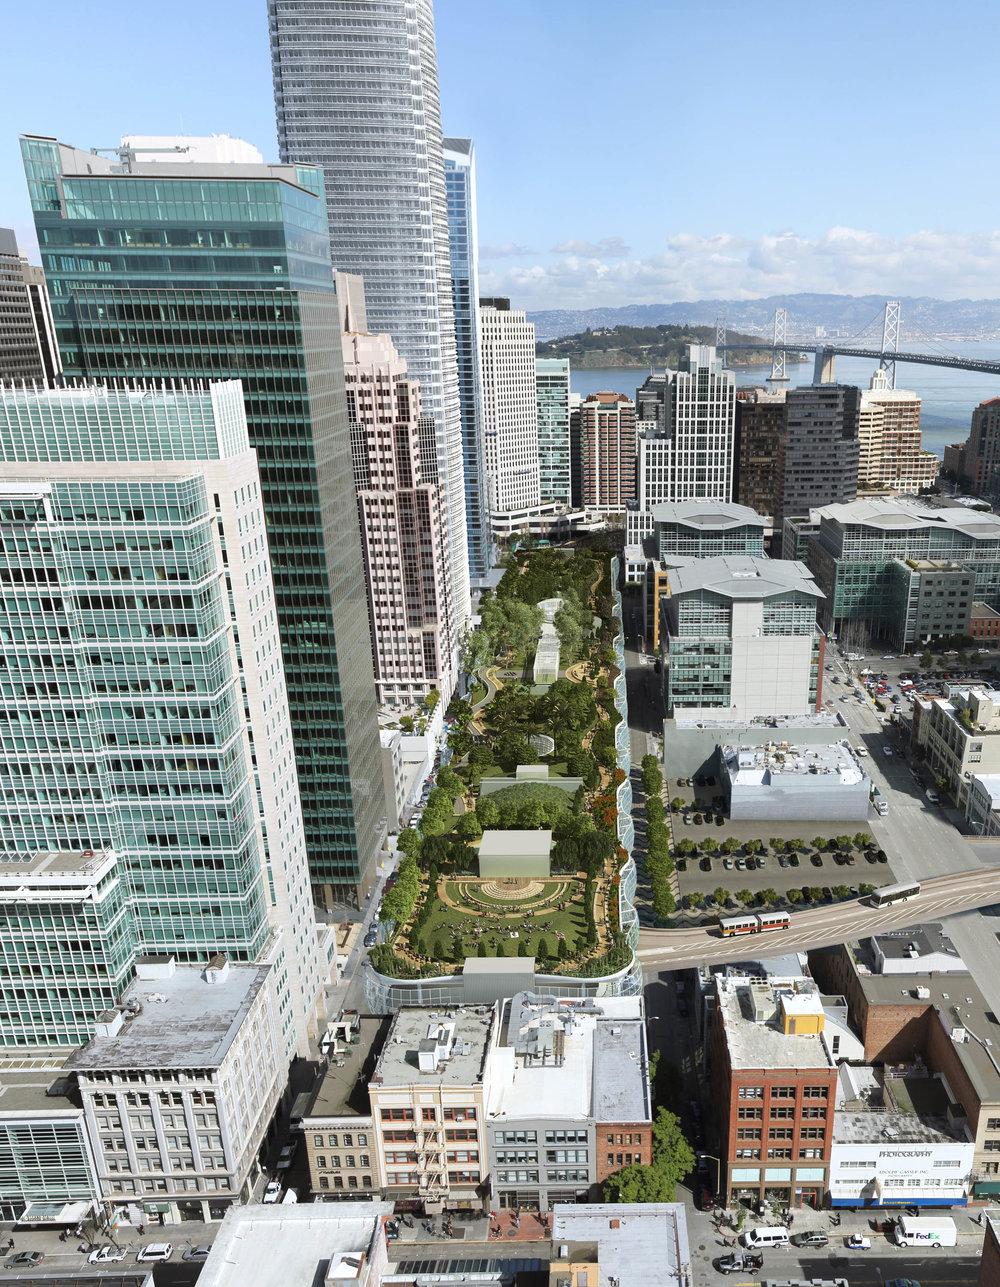 Aerial View of Park (rendering)